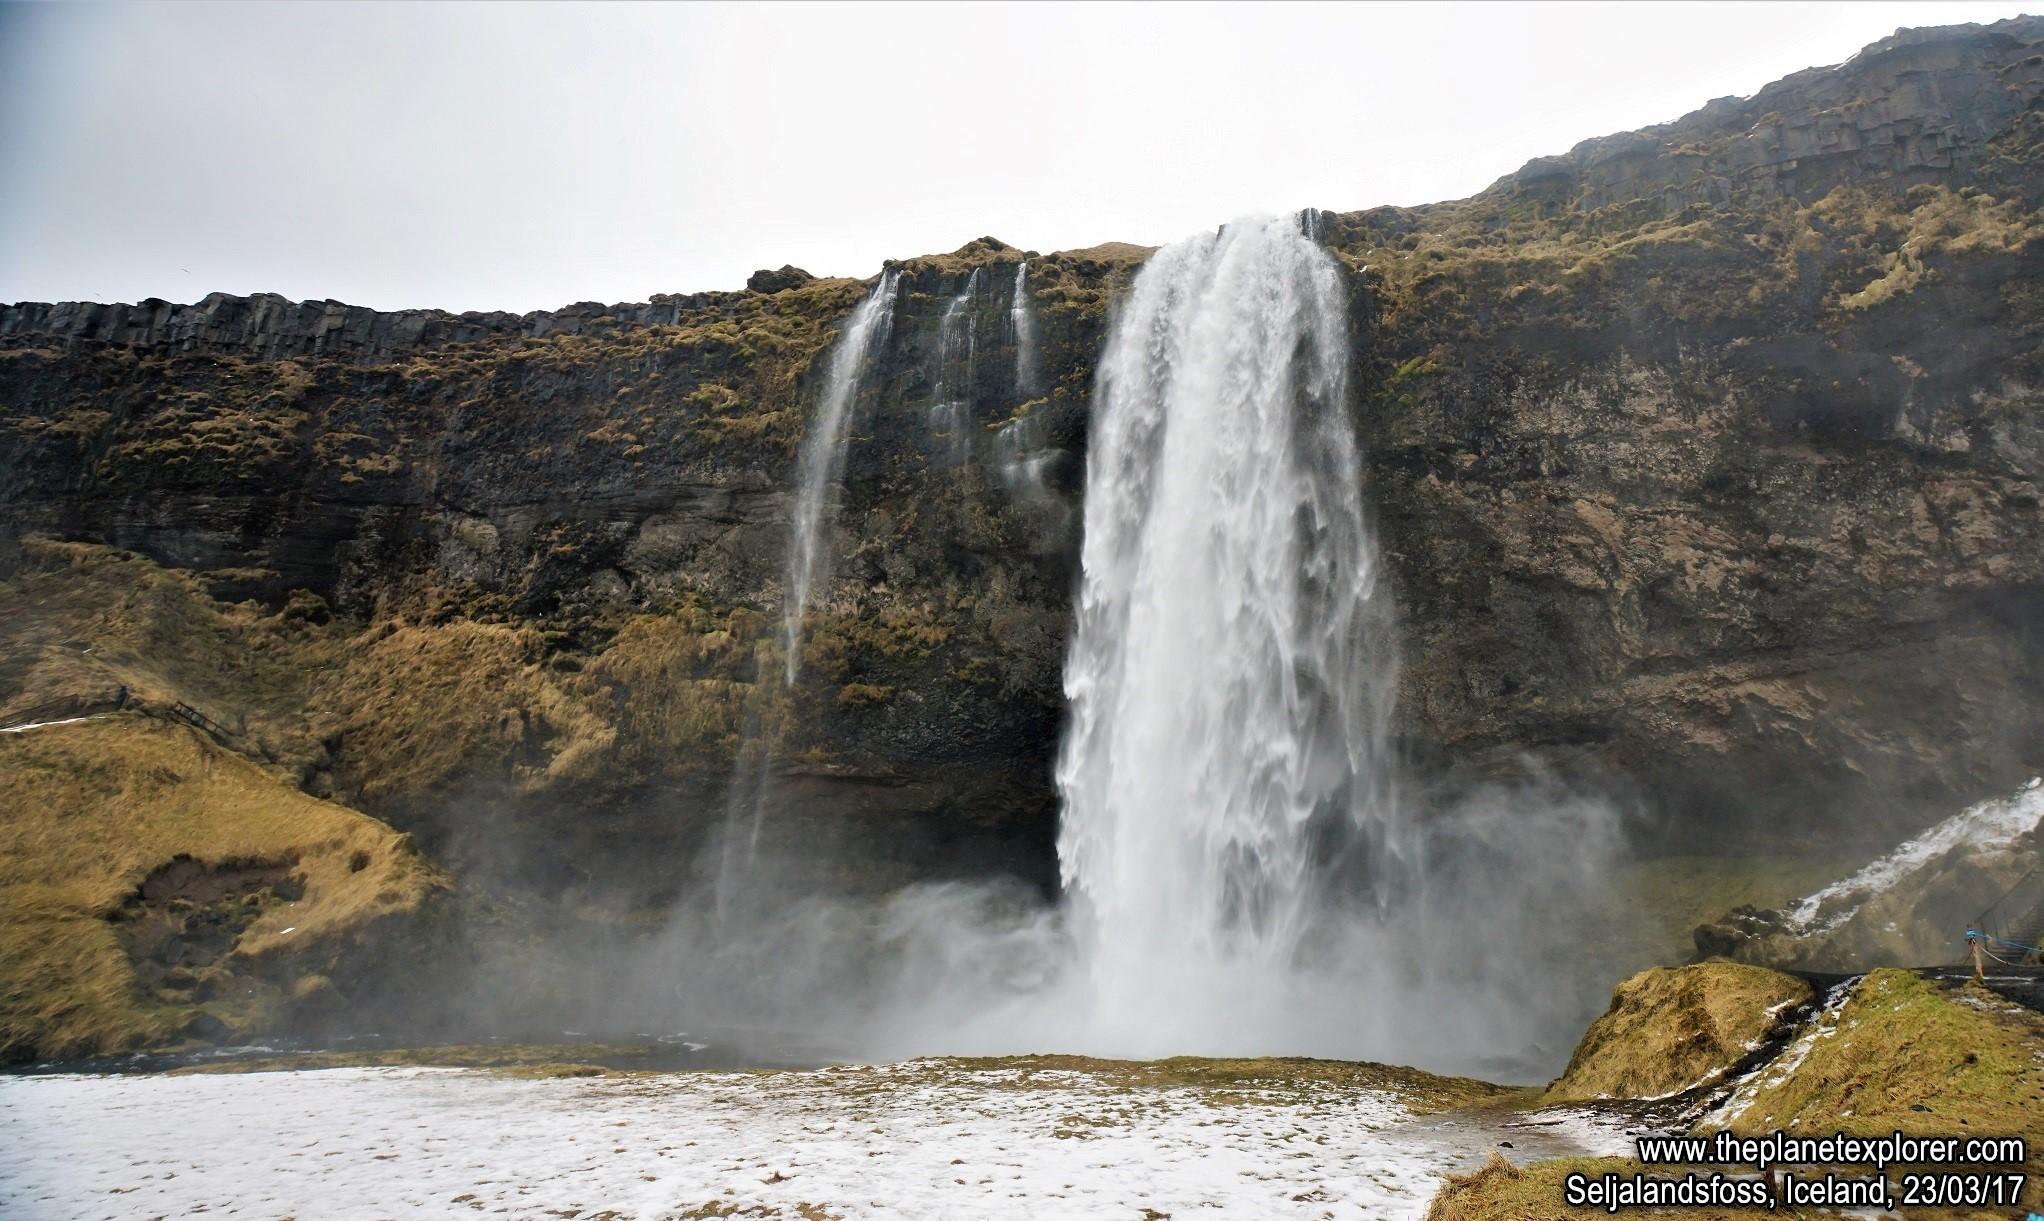 2017-03-23_1720_Iceland_Seljalandsfoss_DSC02713_s7R2_LR_@www